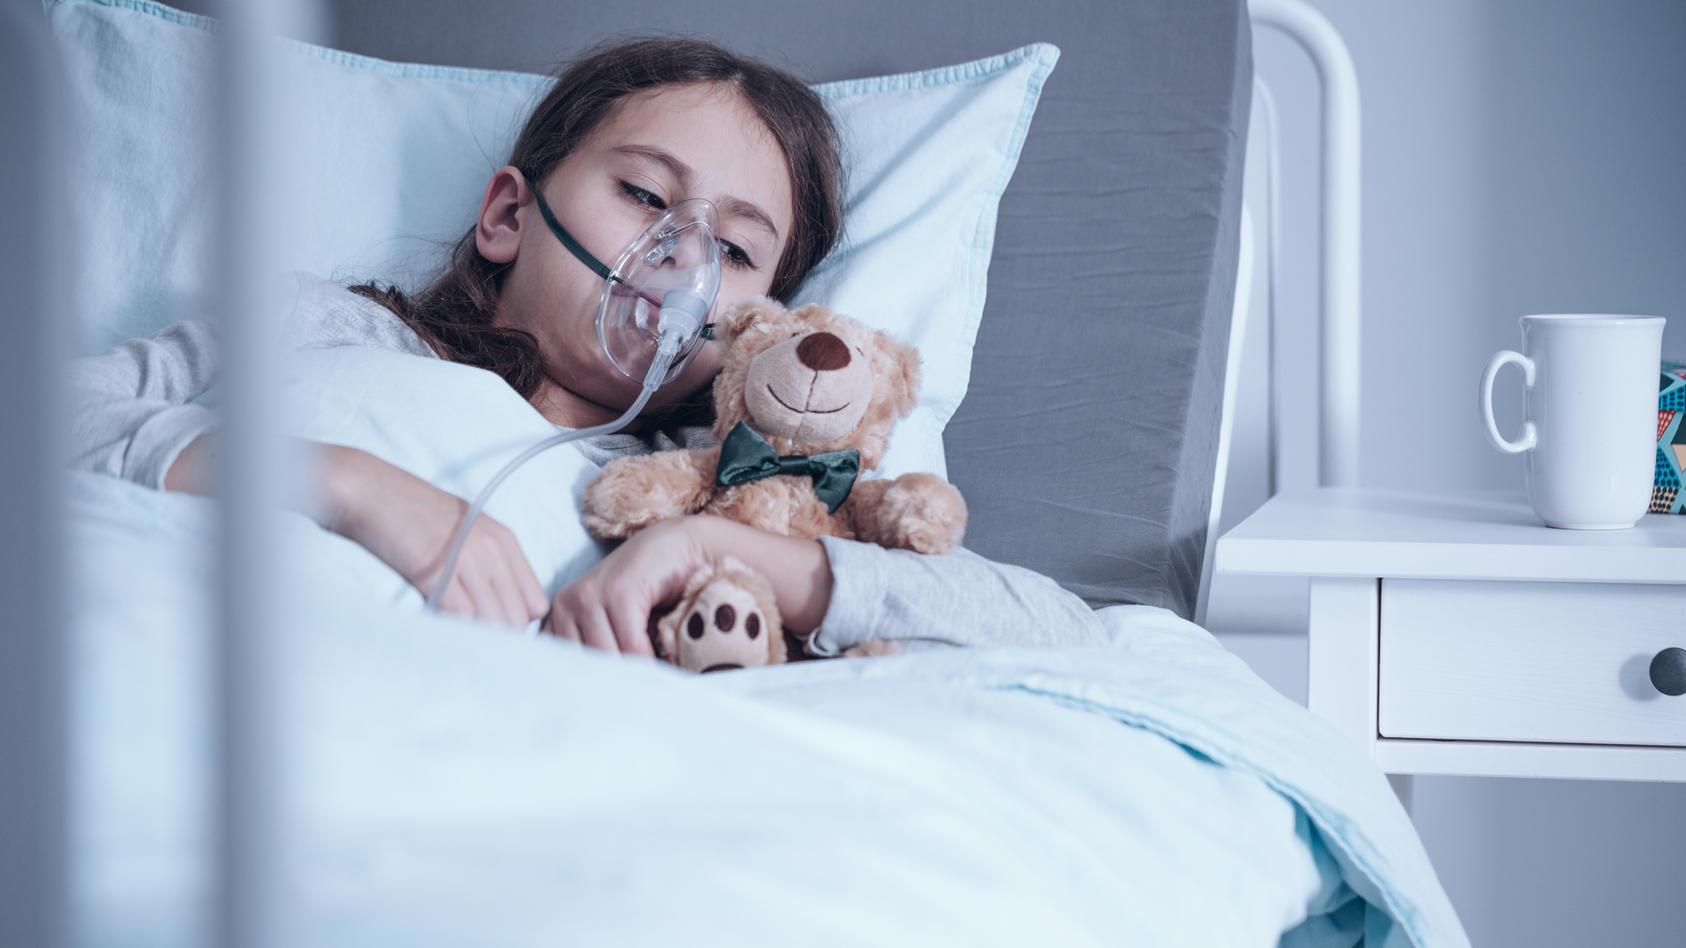 Das Münchhausen-Stellvertreter-Syndrom ist eine Psychose, bei der Mütter ihre Kinder aus Liebe krank machen.